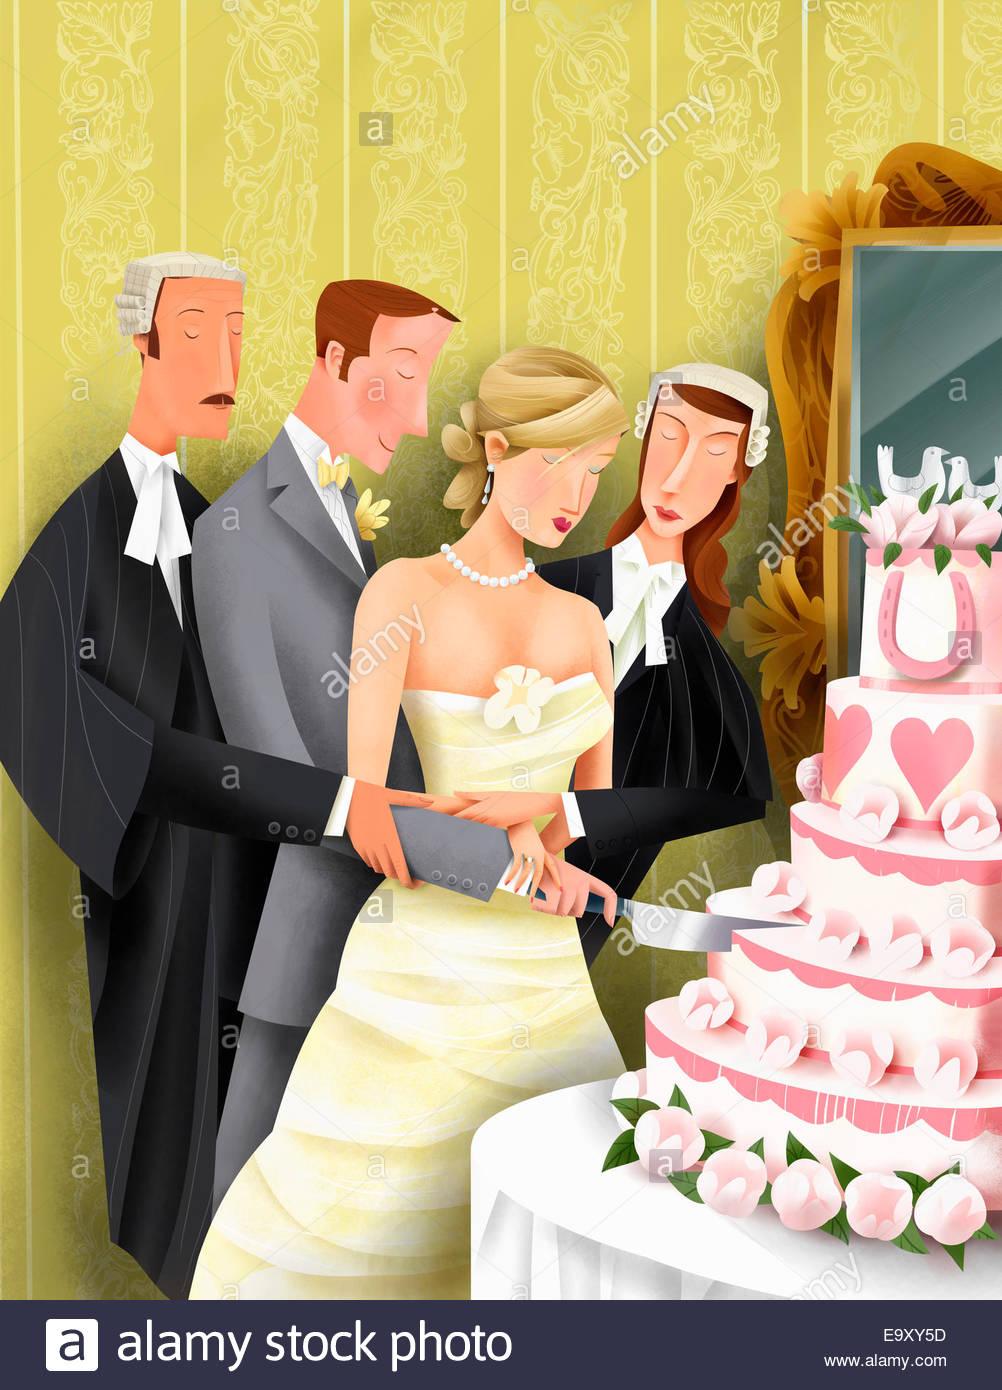 Avvocati aiutando la sposa e lo sposo tagliato in torta di nozze Immagini Stock